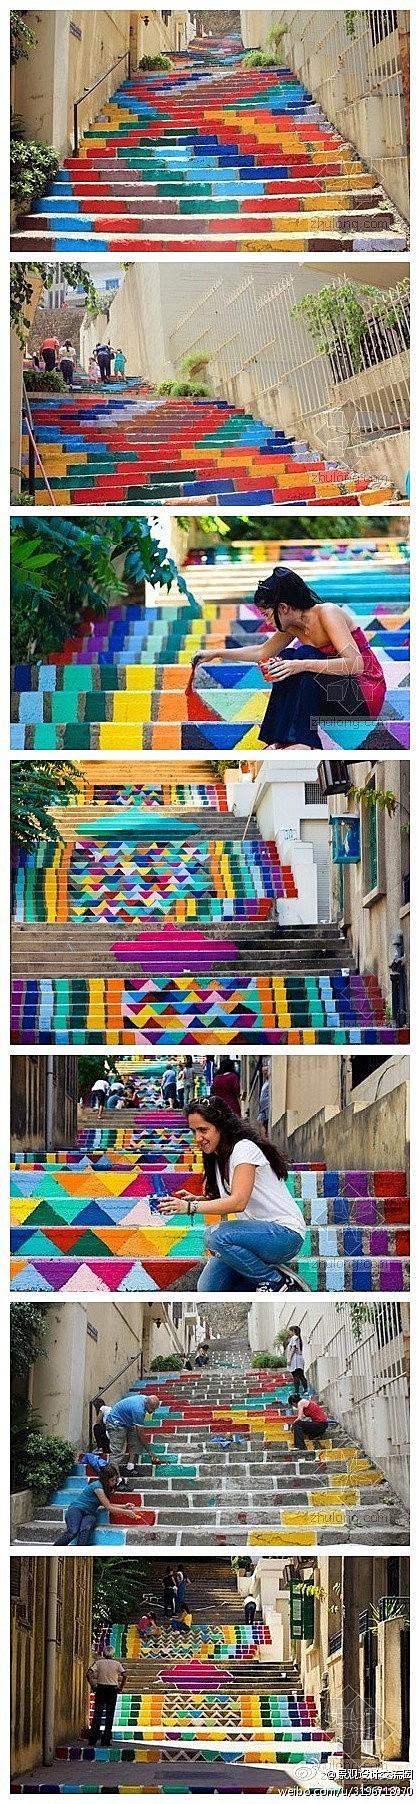 一组由艺术家和设计师组成的团队对贝鲁特市内的台阶进行了美化,在台阶表面涂绘了各种 96 16